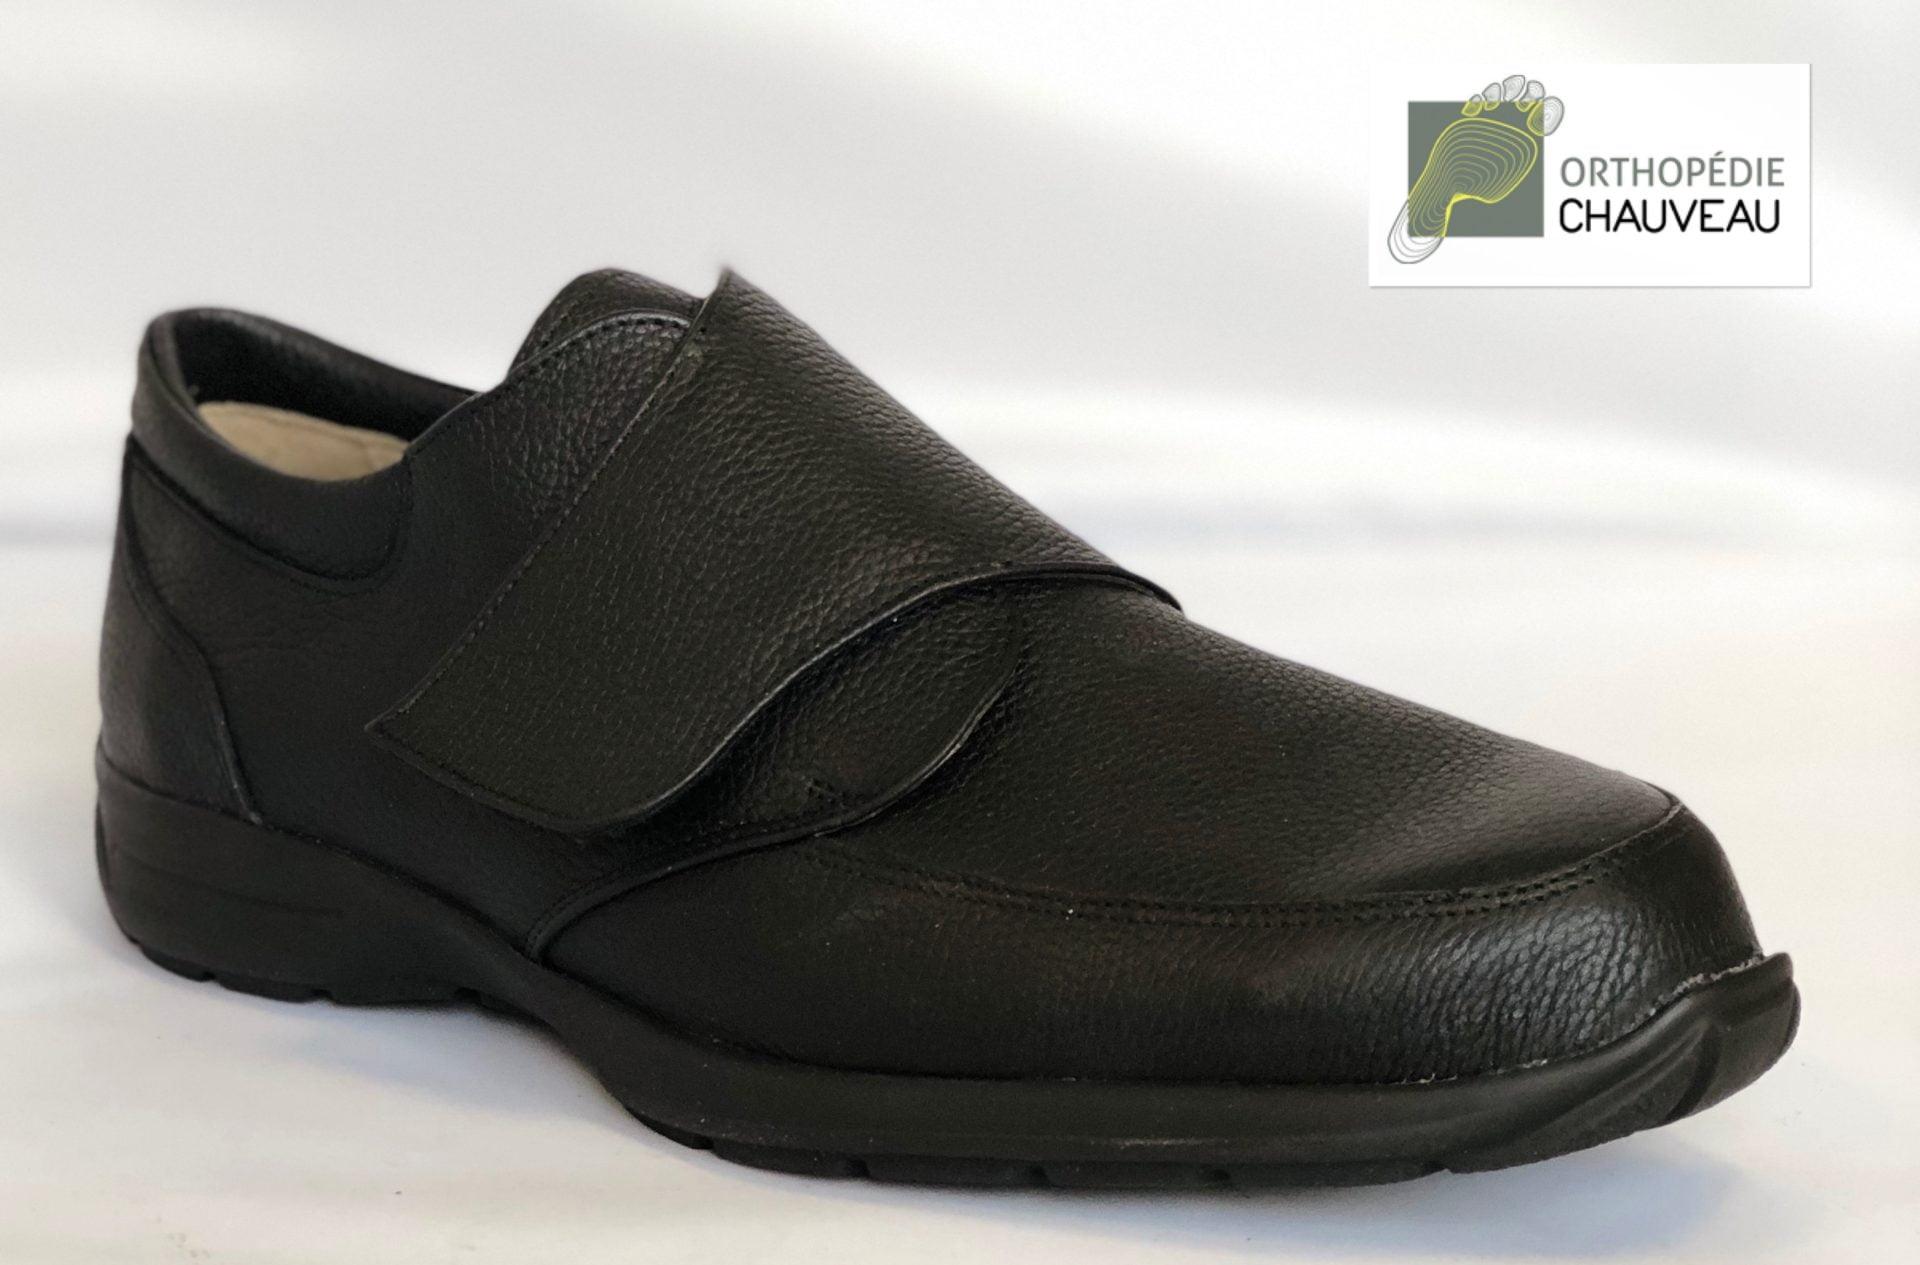 chaussures orthopédiques rennes cuir noir